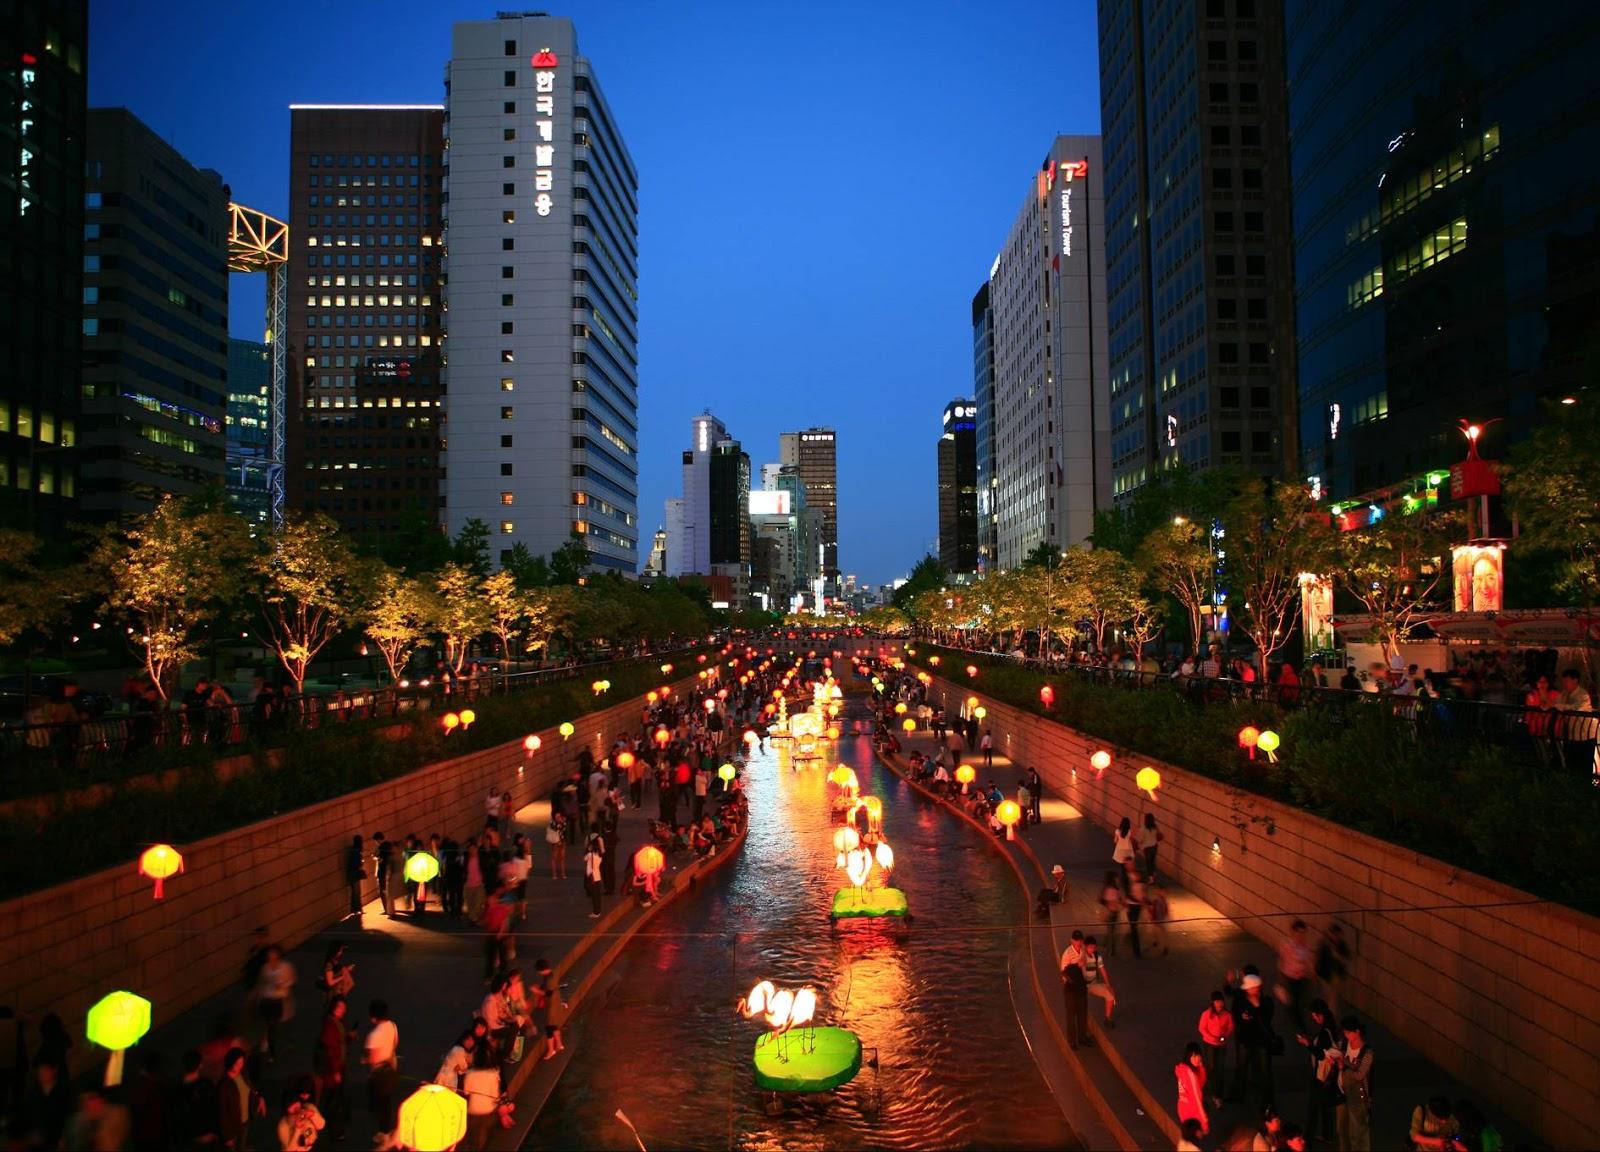 http://4.bp.blogspot.com/-o67G_SwZqGg/UJzr2z7X_2I/AAAAAAAACUc/JzHVzOygqyA/s1600/seoul+korea+city+1.jpg